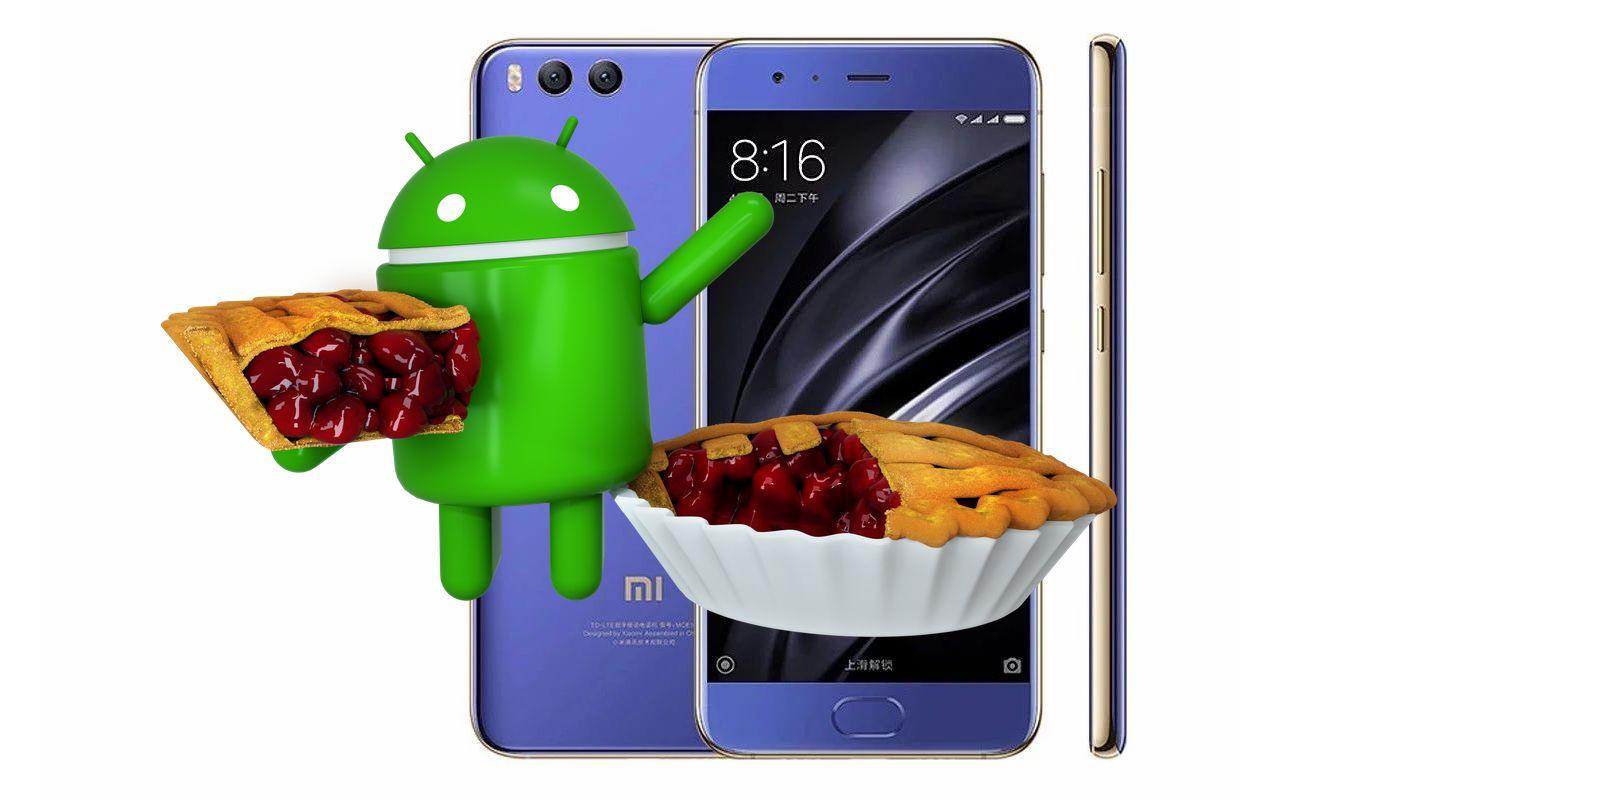 Xiaomi opublikowało listę smartfonów, które dostaną aktualizację do Androida 9.0 Pie 23